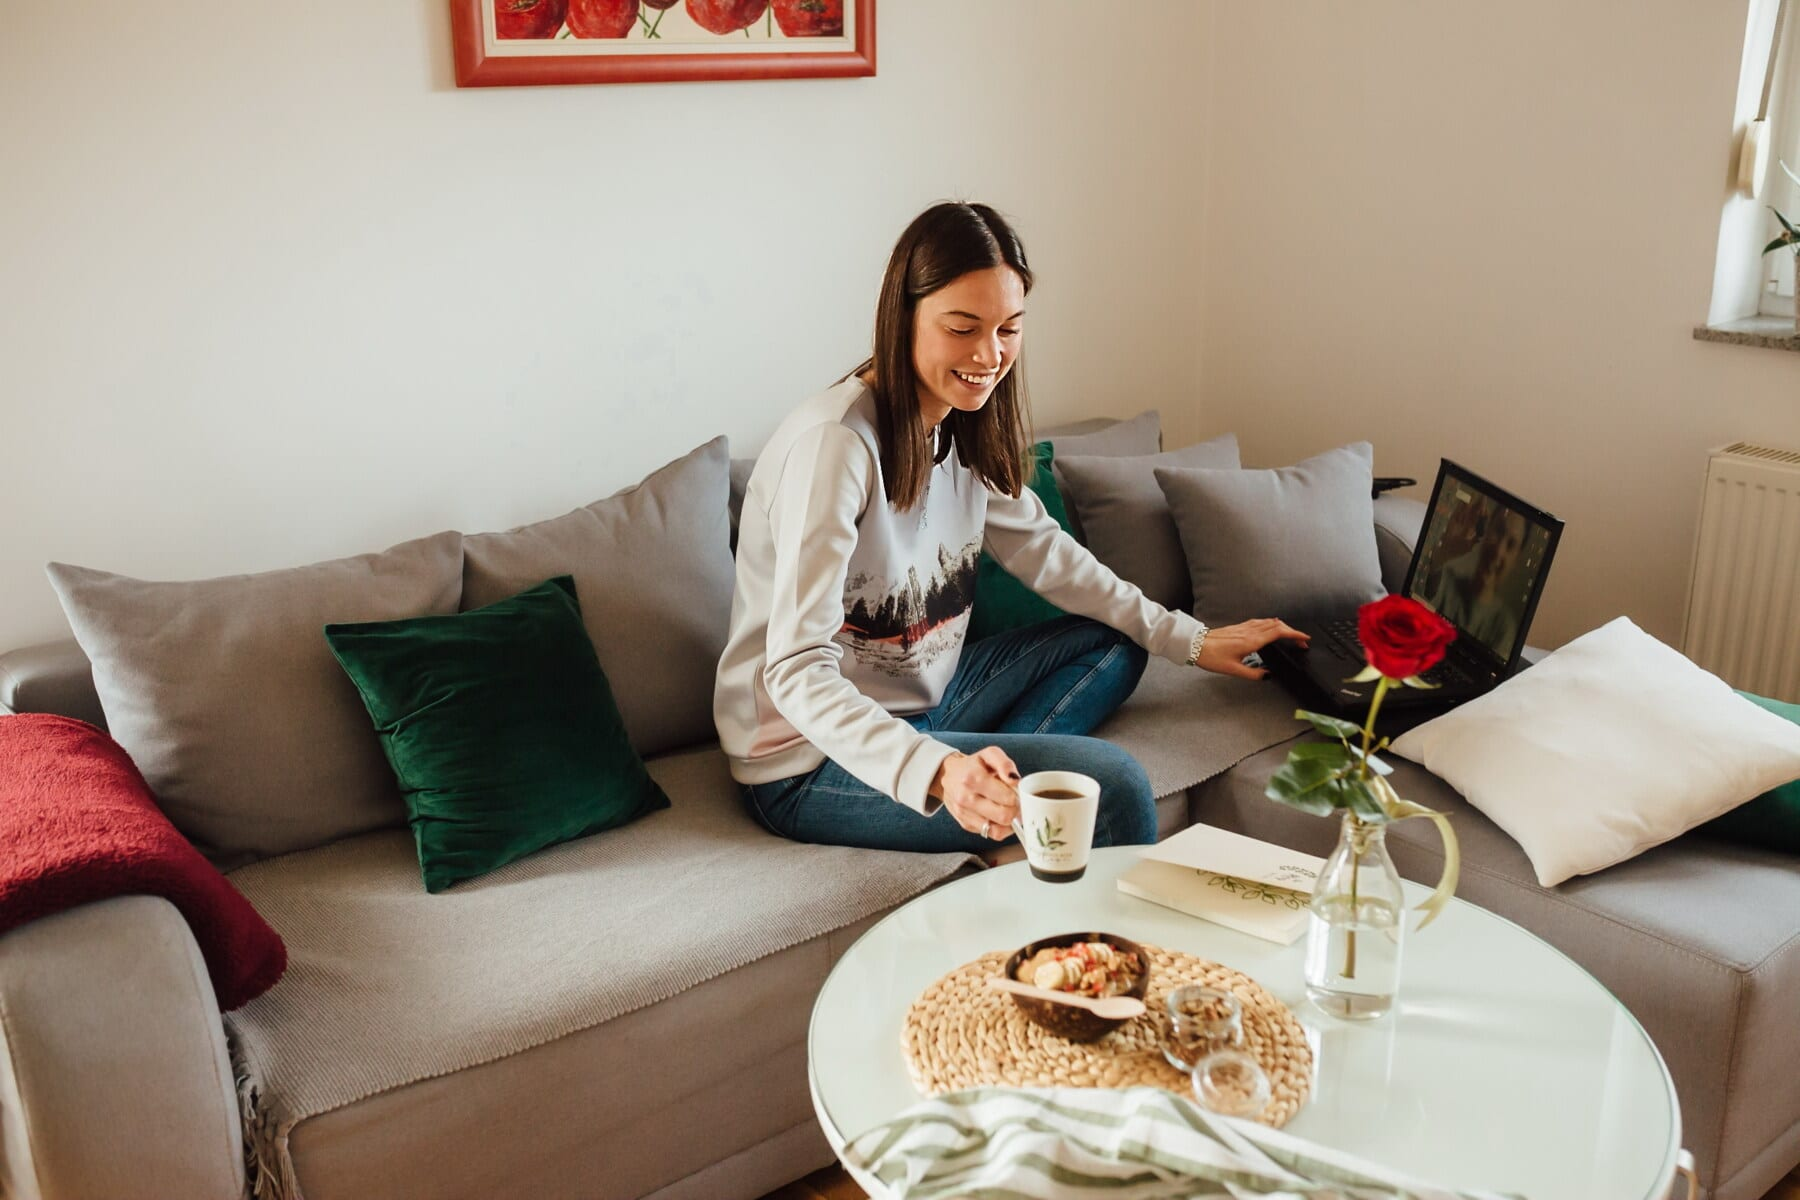 conversaţie, Pagina, Internet, calculator portabil, fată drăguţă, locul de muncă, bucurie, adolescent, acasă, în interior